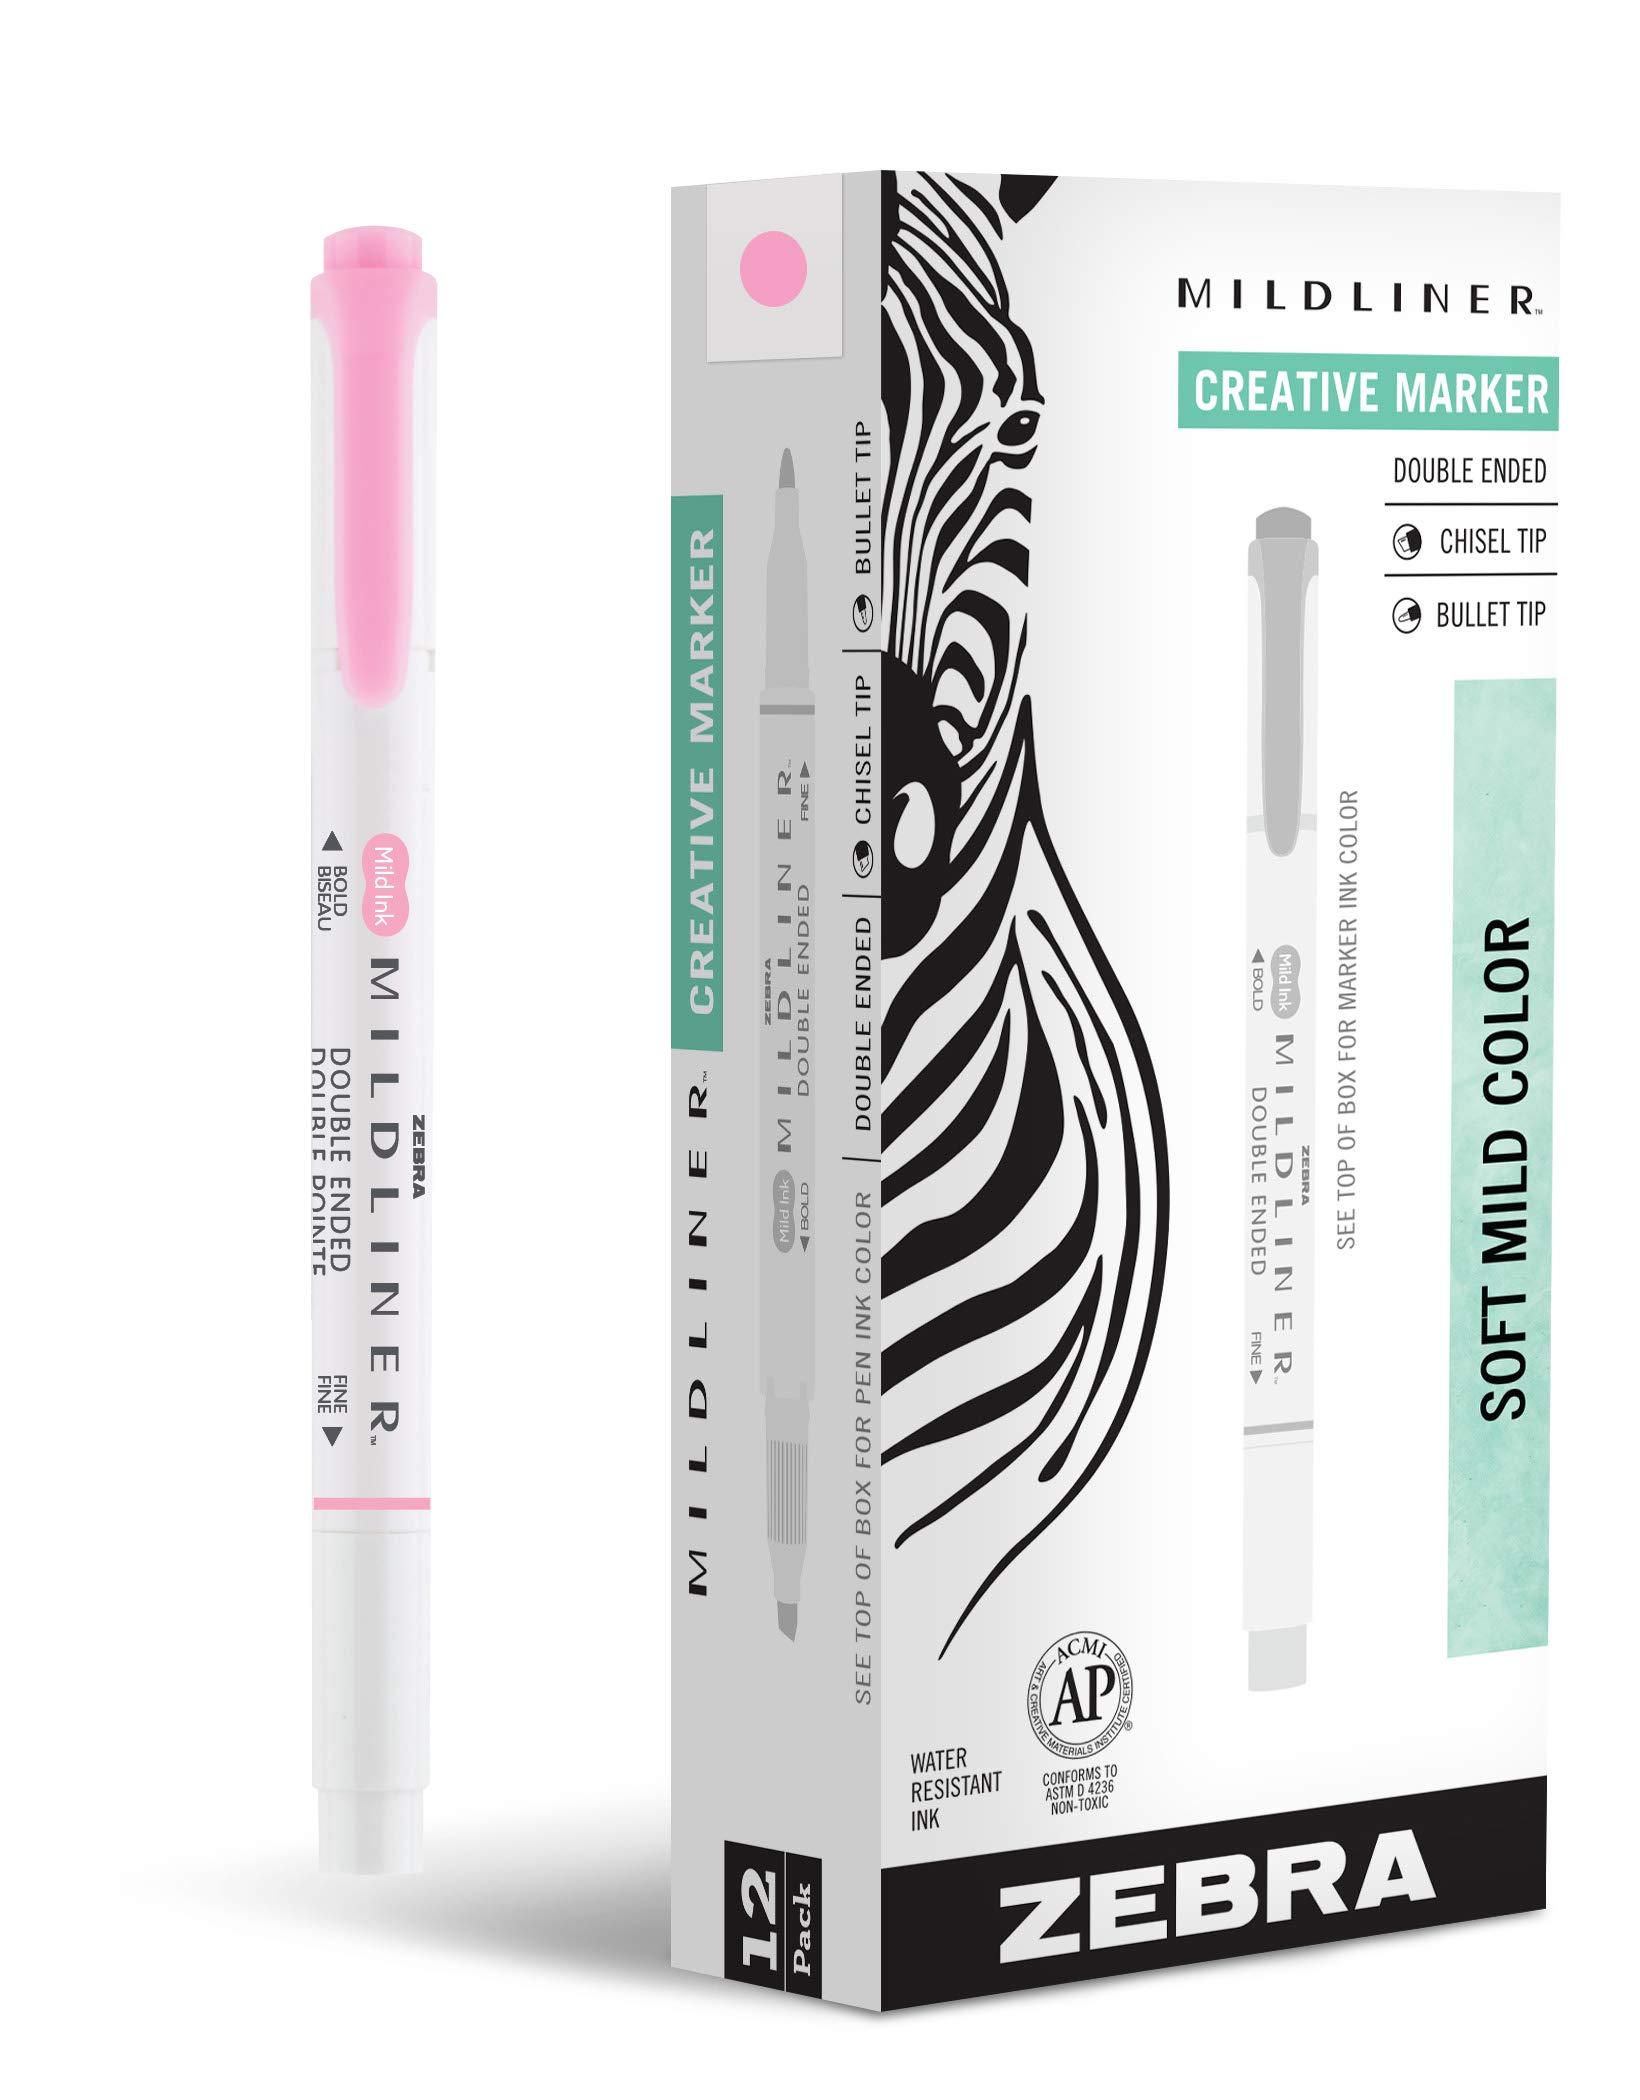 Zebra Pen Mildliner, Double Ended Highlighter, Broad and Fine Tips, Pink, 12-Count